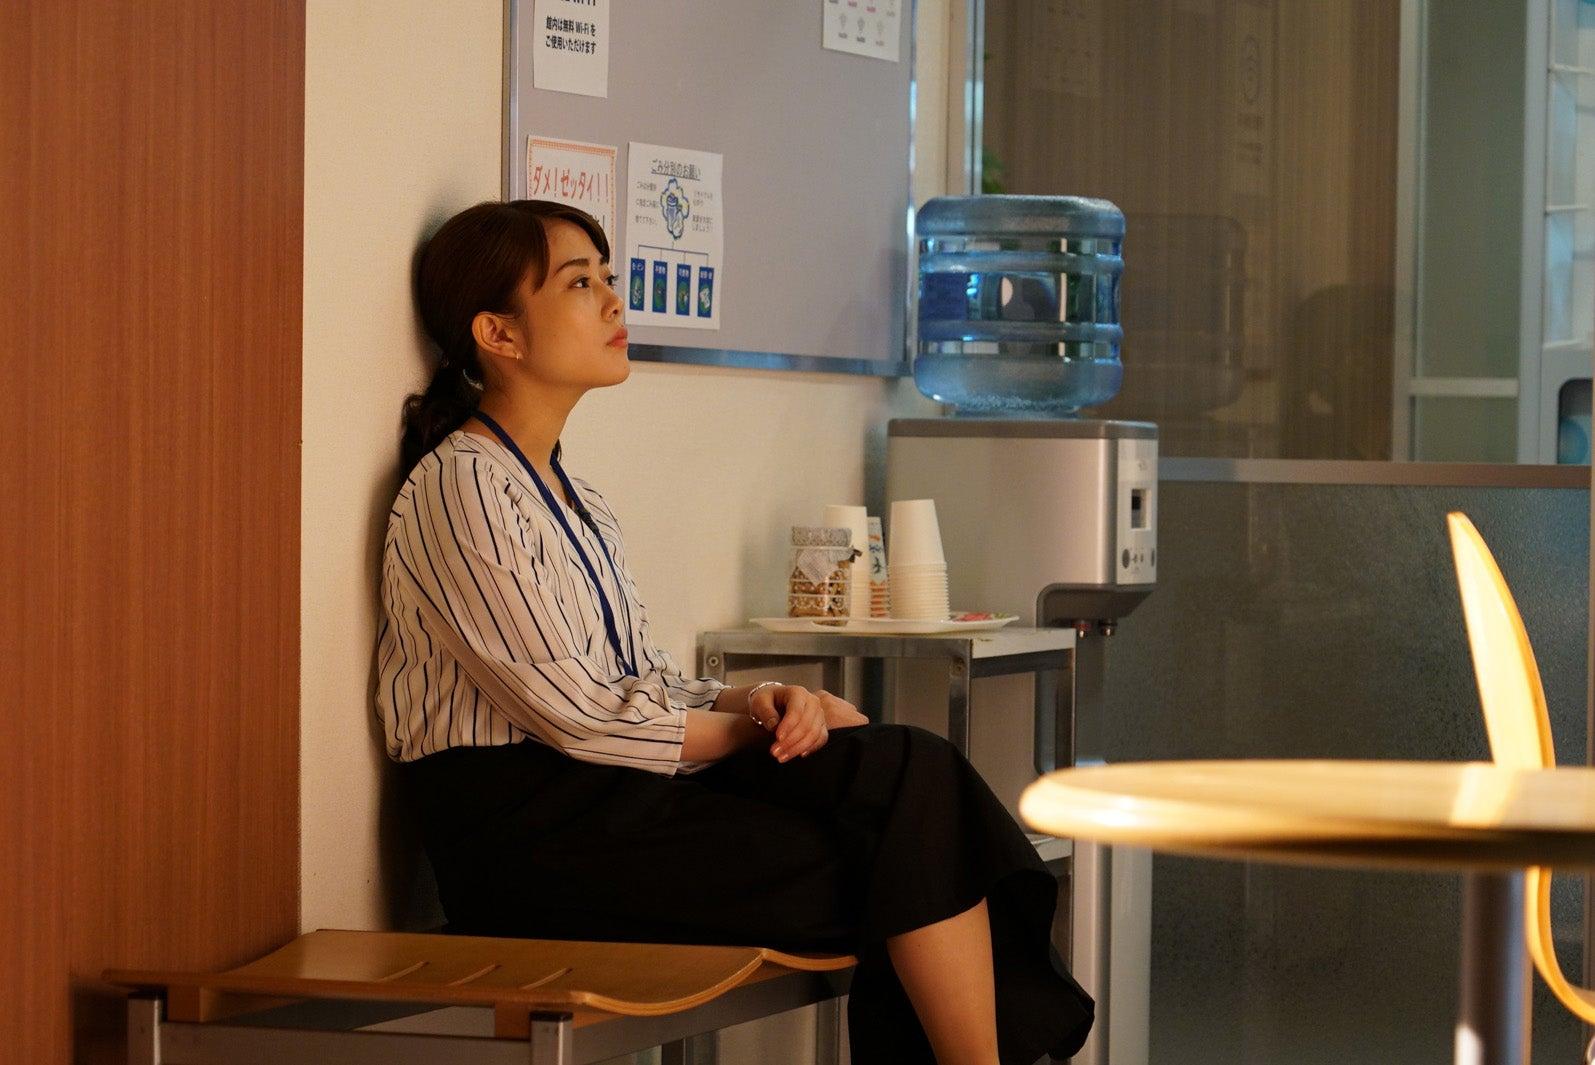 「高畑充希:草刈正雄と初共演で上司役に「私にとっての財産」」的圖片搜尋結果